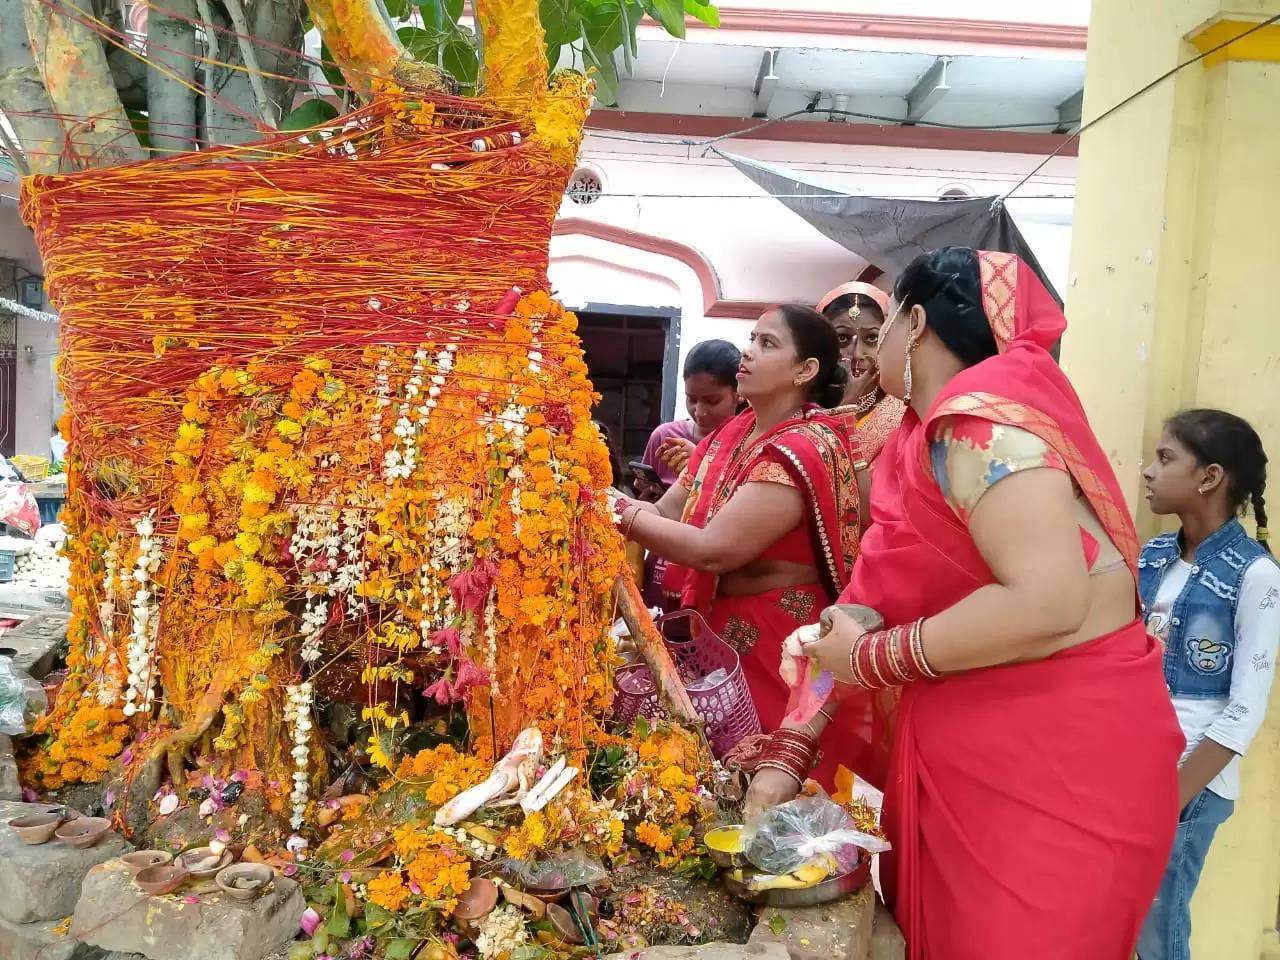 वाराणसी: सुहागिन महिलाओं ने पति के दीर्घ जीवन के लिए किया वट सावित्री पूजन